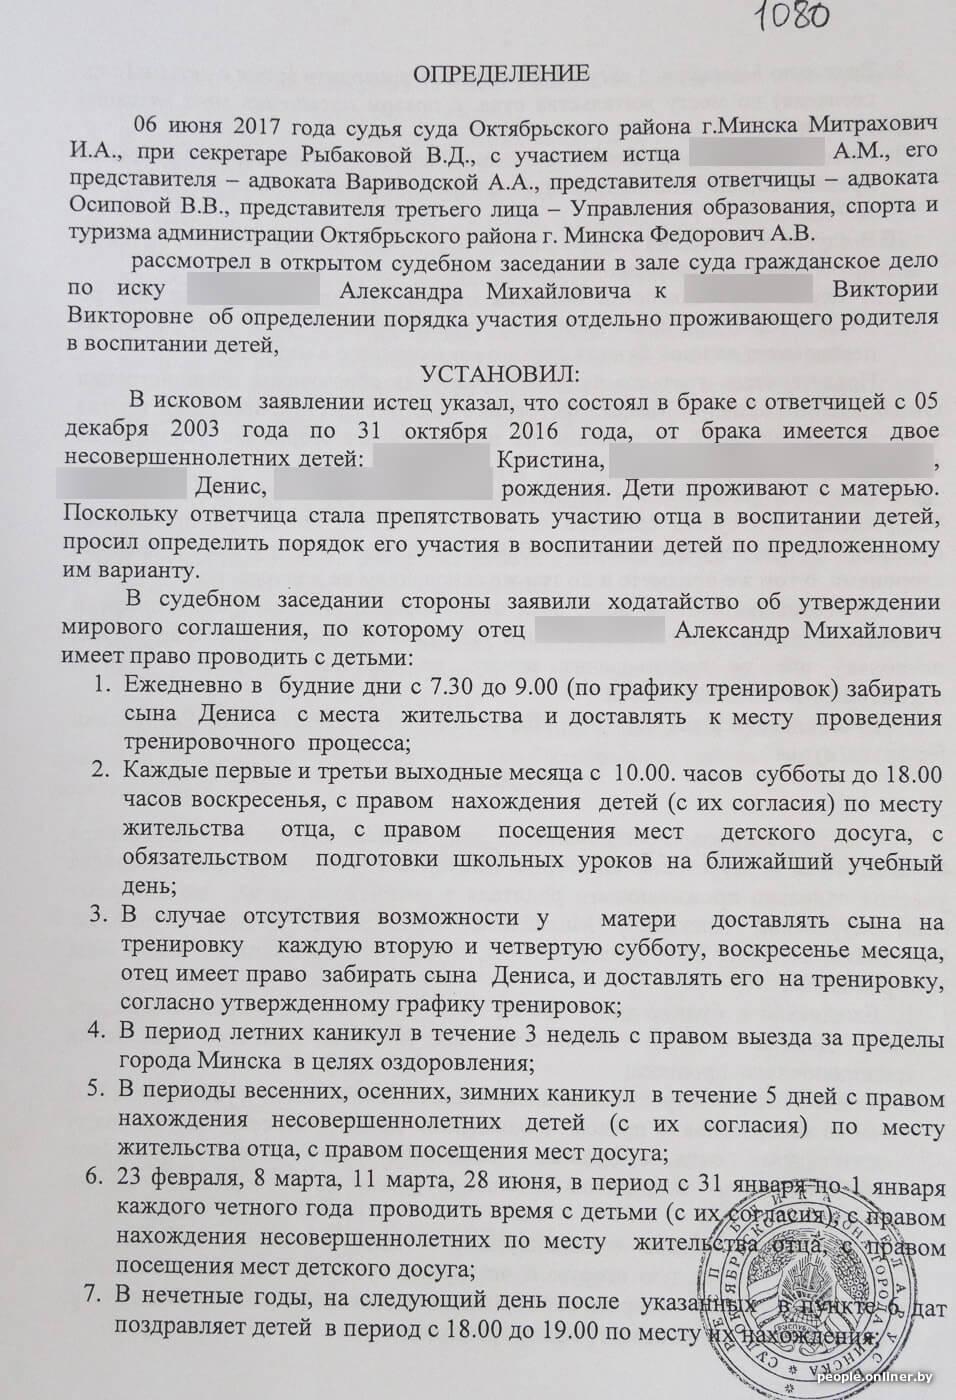 Образец заявления в суд минска ограничение управления тс